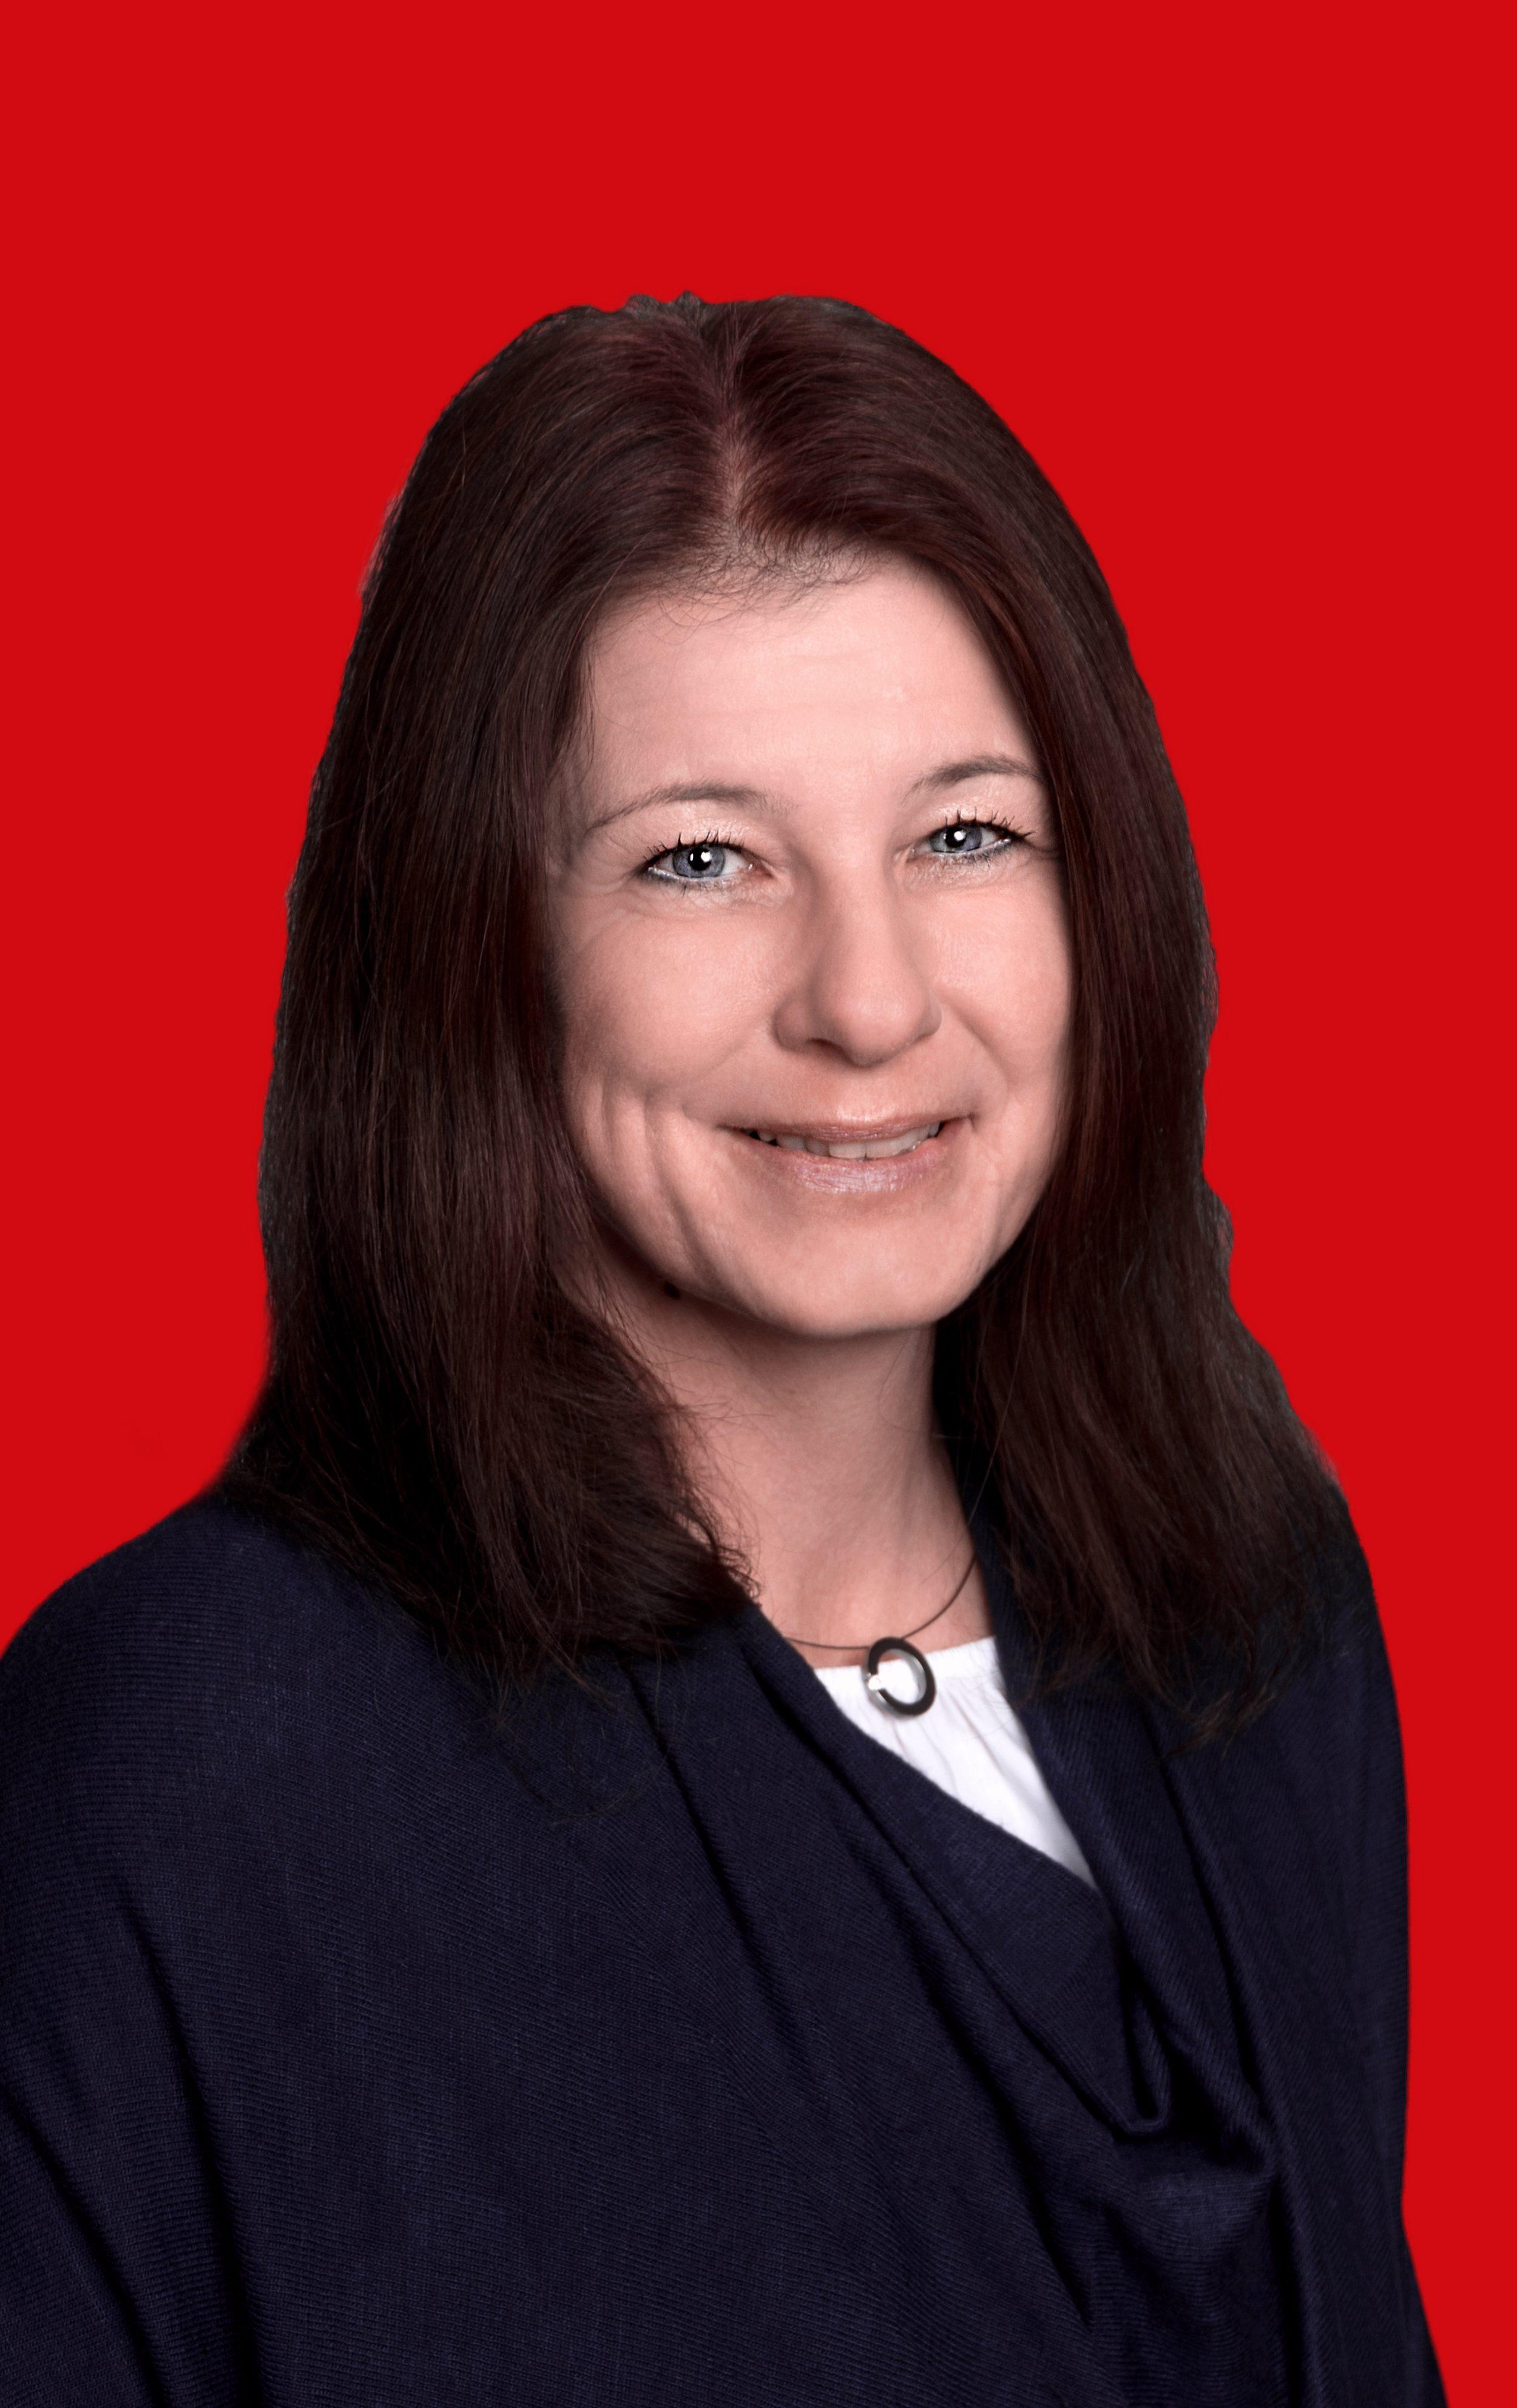 Karin Burgstaller